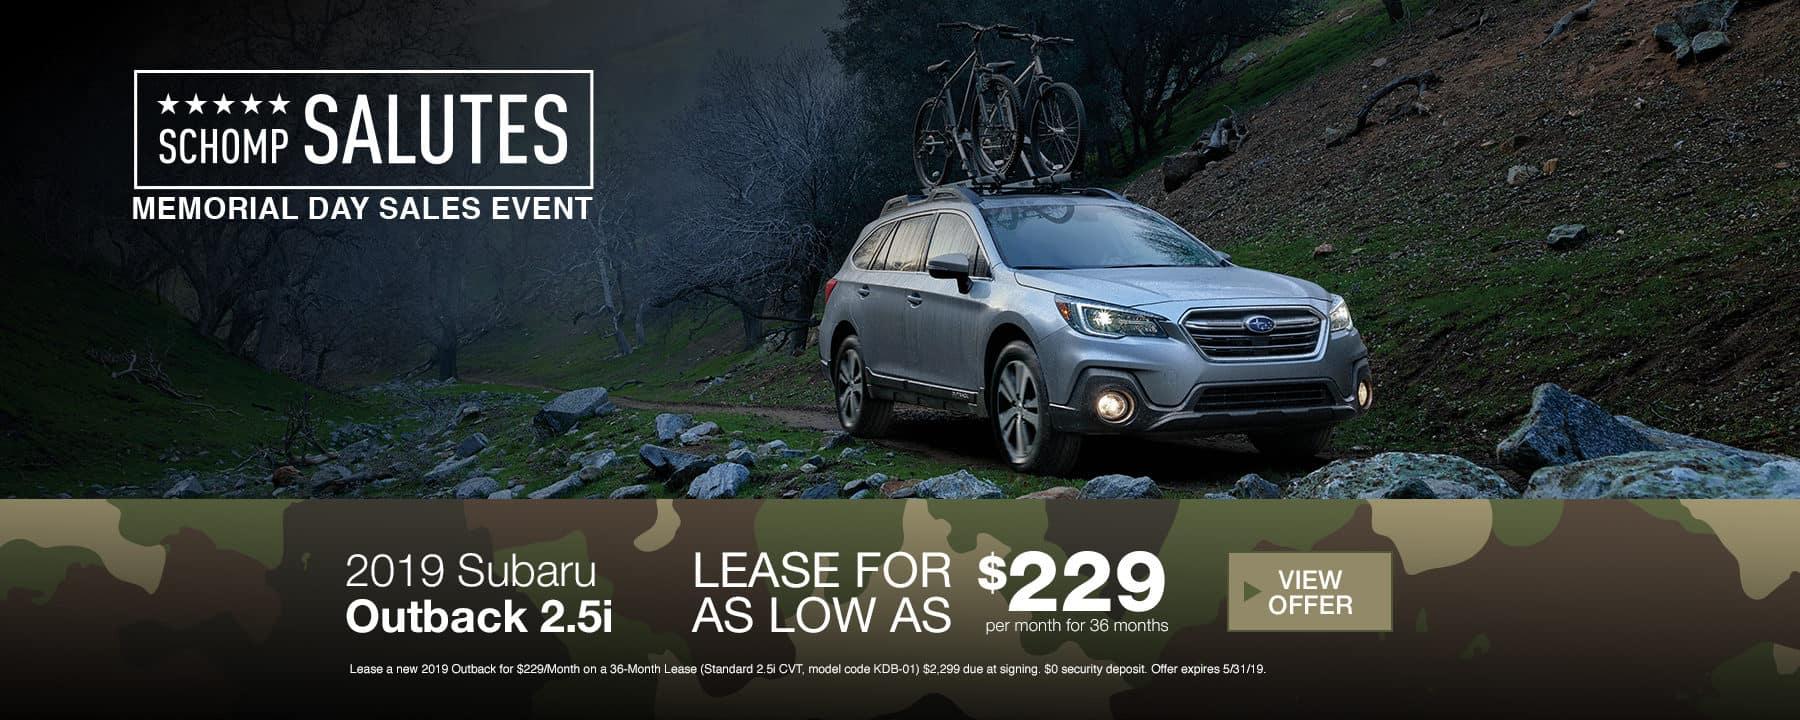 Subaru 100 000 mile service